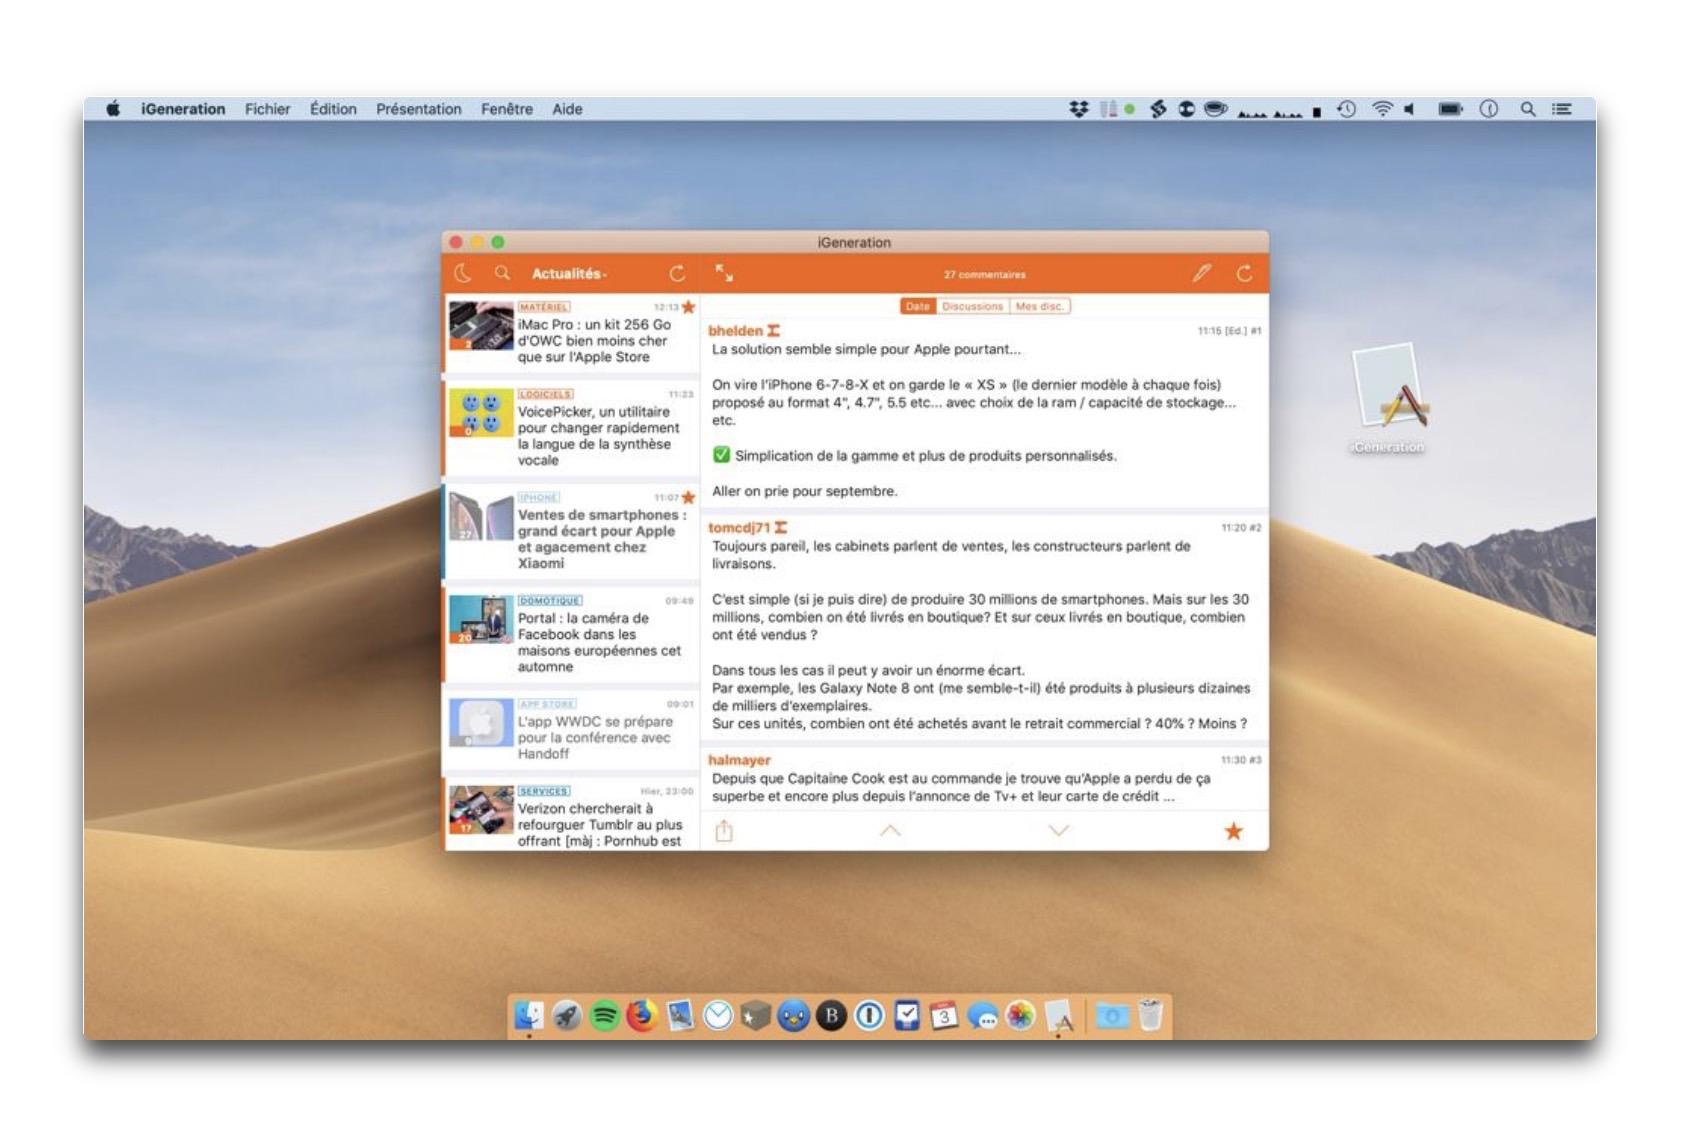 Marzipanを介して、iOSアプリをMacに移植したアプリのビデオを公開